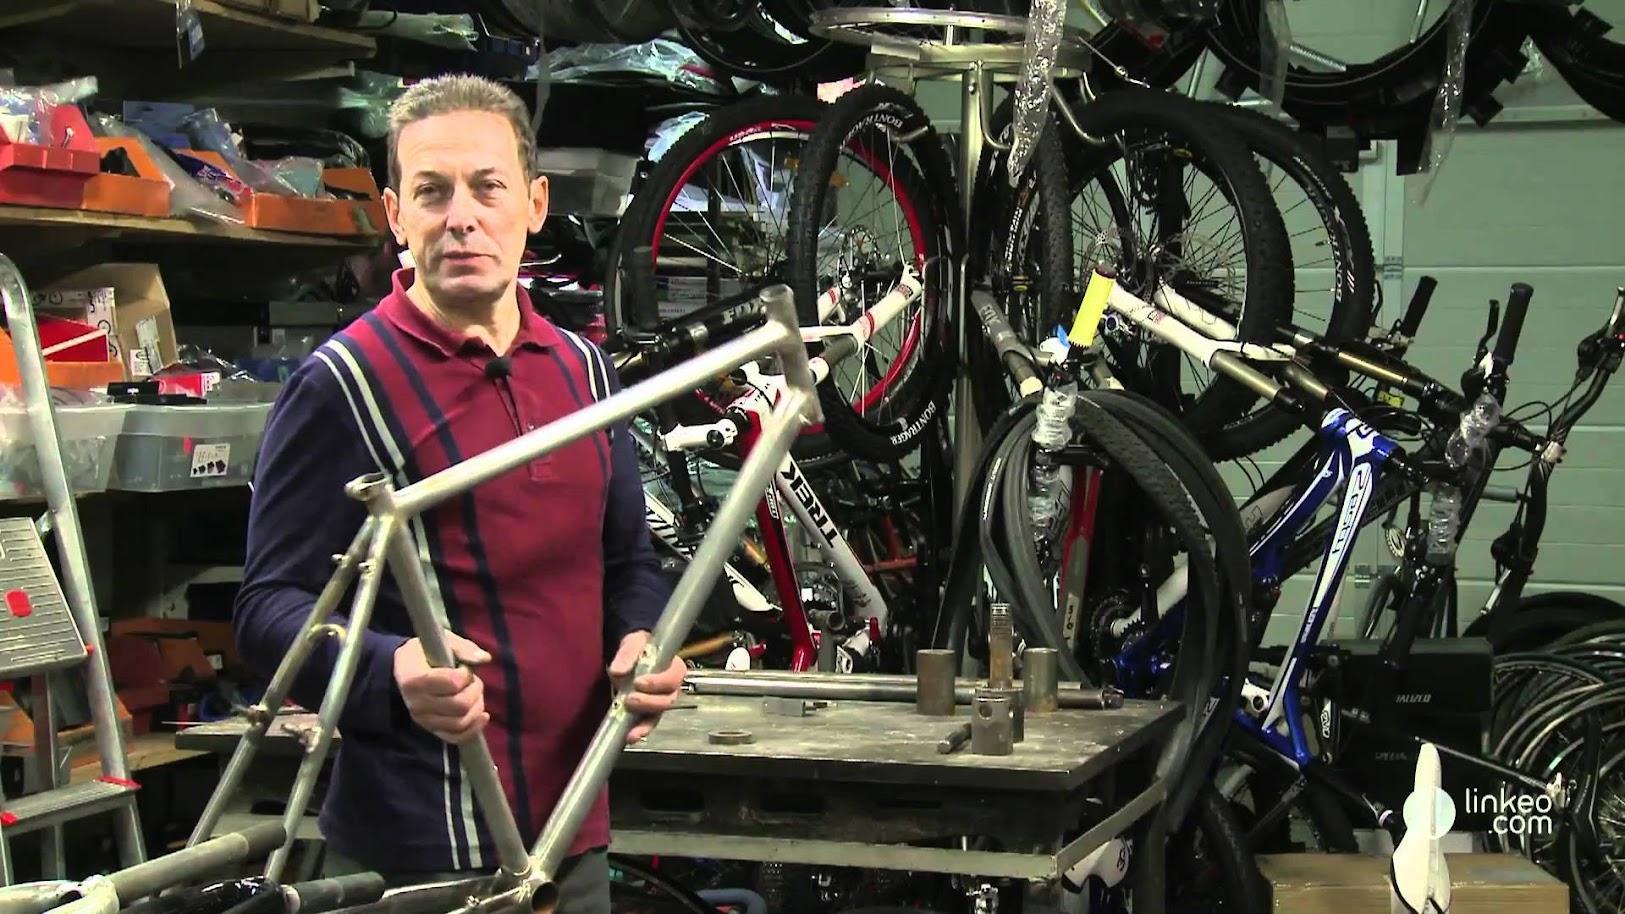 Serge Mannheim dans son atelier de cadreur est aussi cycliste. Cela va de soi.